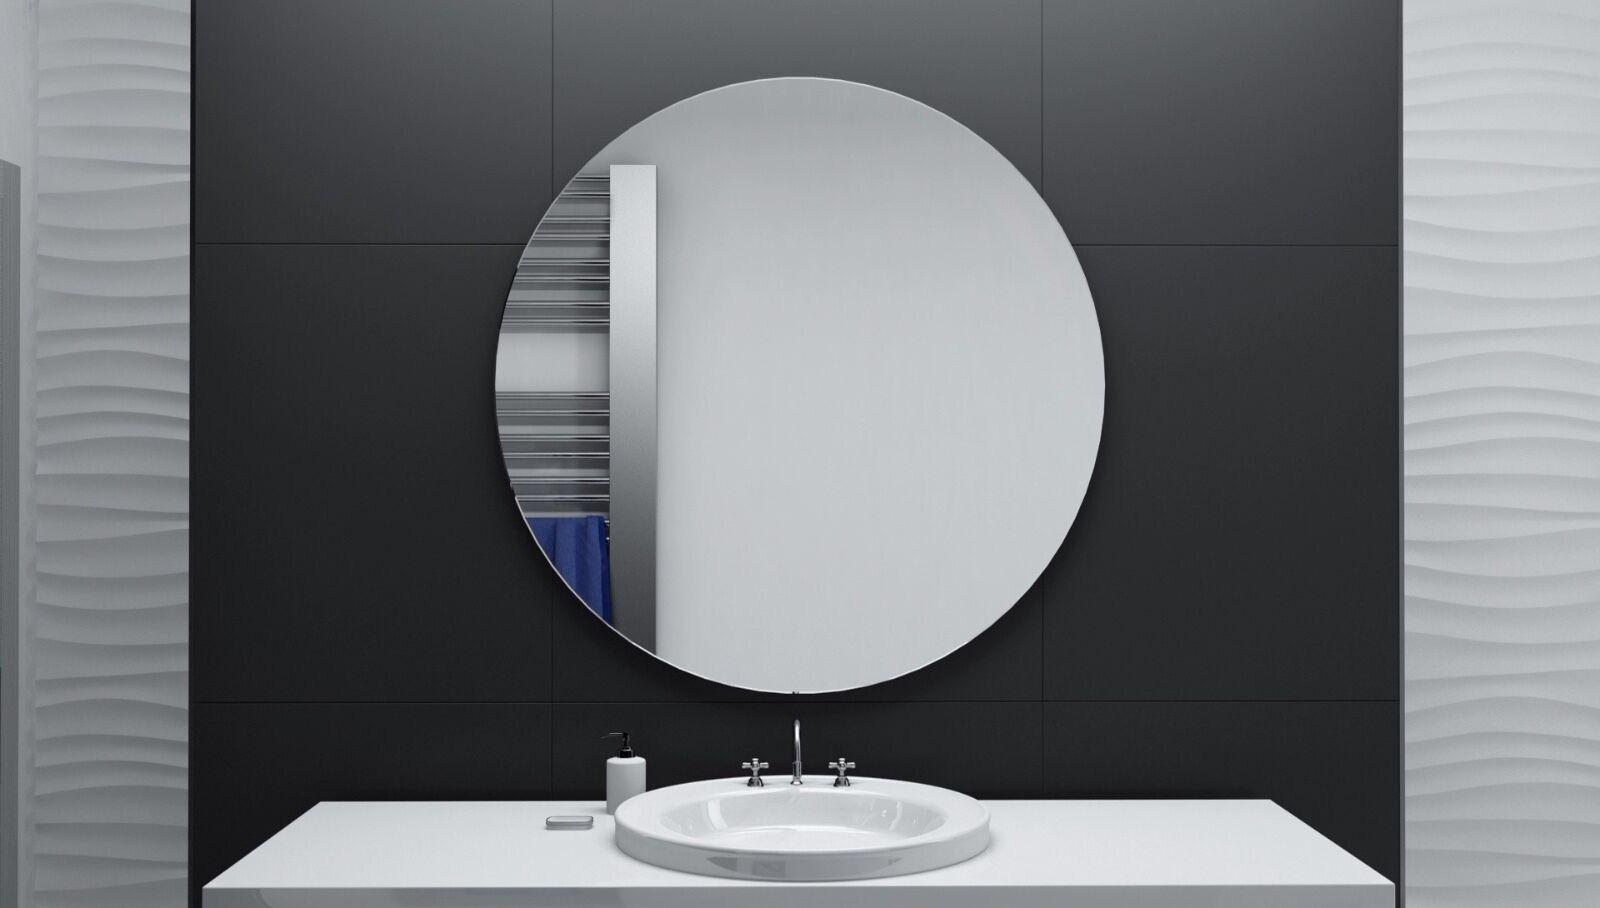 Kristallspiegel RUND 6mm Badspiegel Kristall Bad Spiegel Wandspiegel 1a Qualität